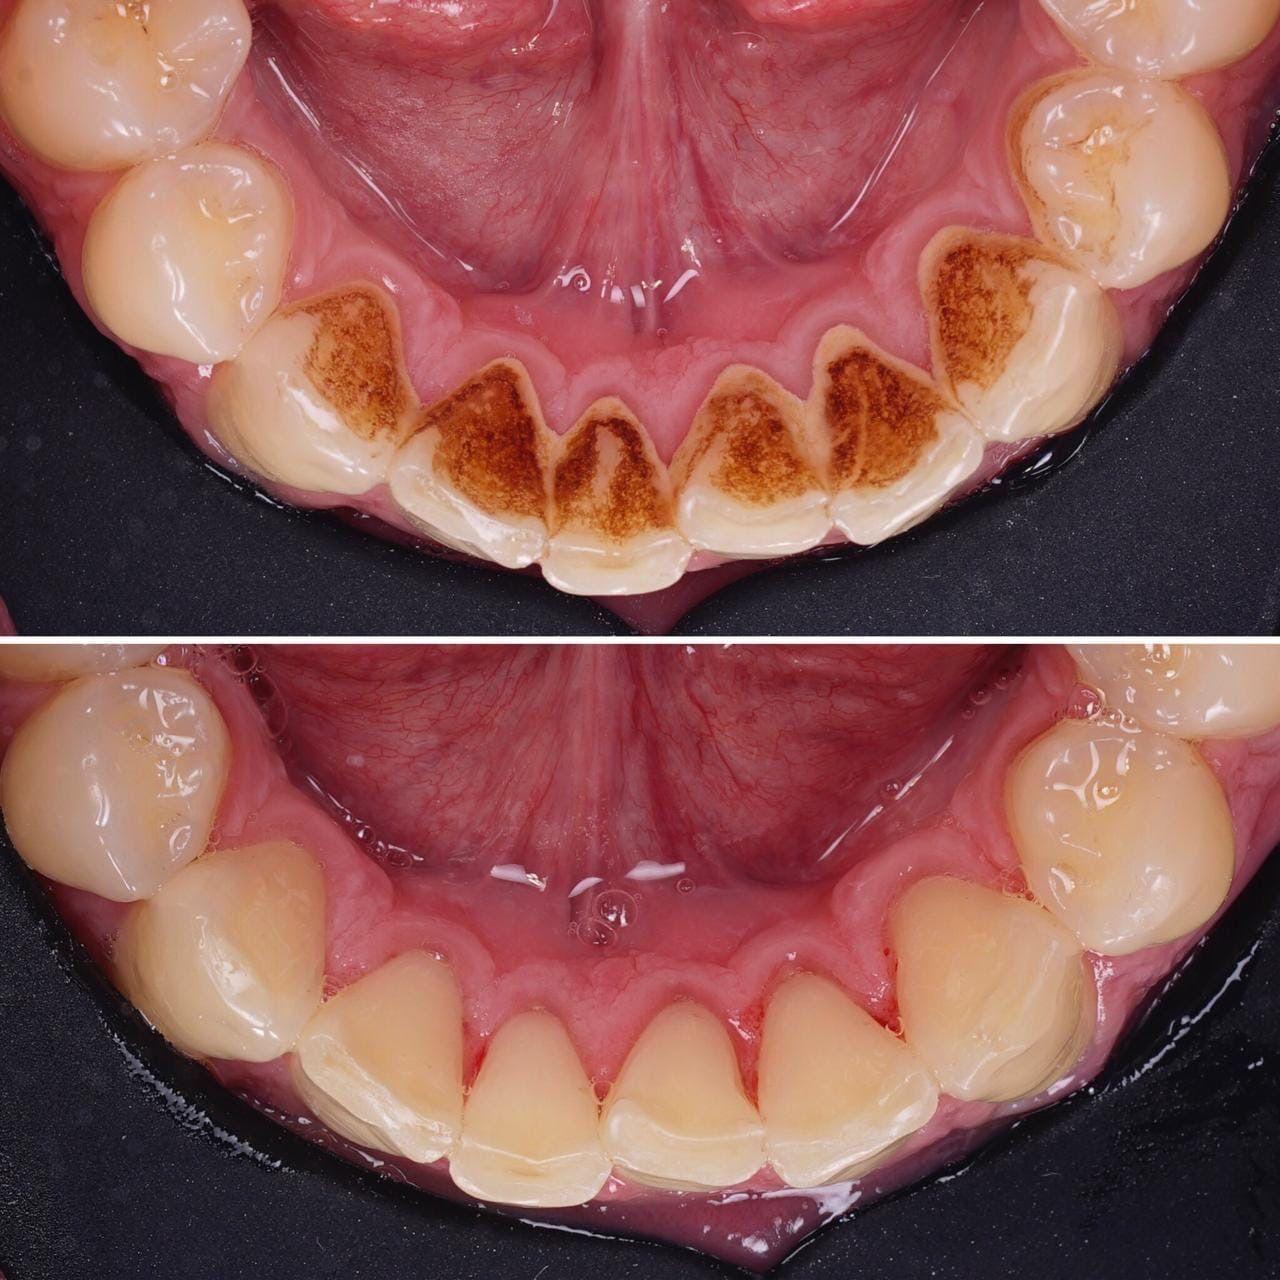 Профессиональное отбеливание зубов 0